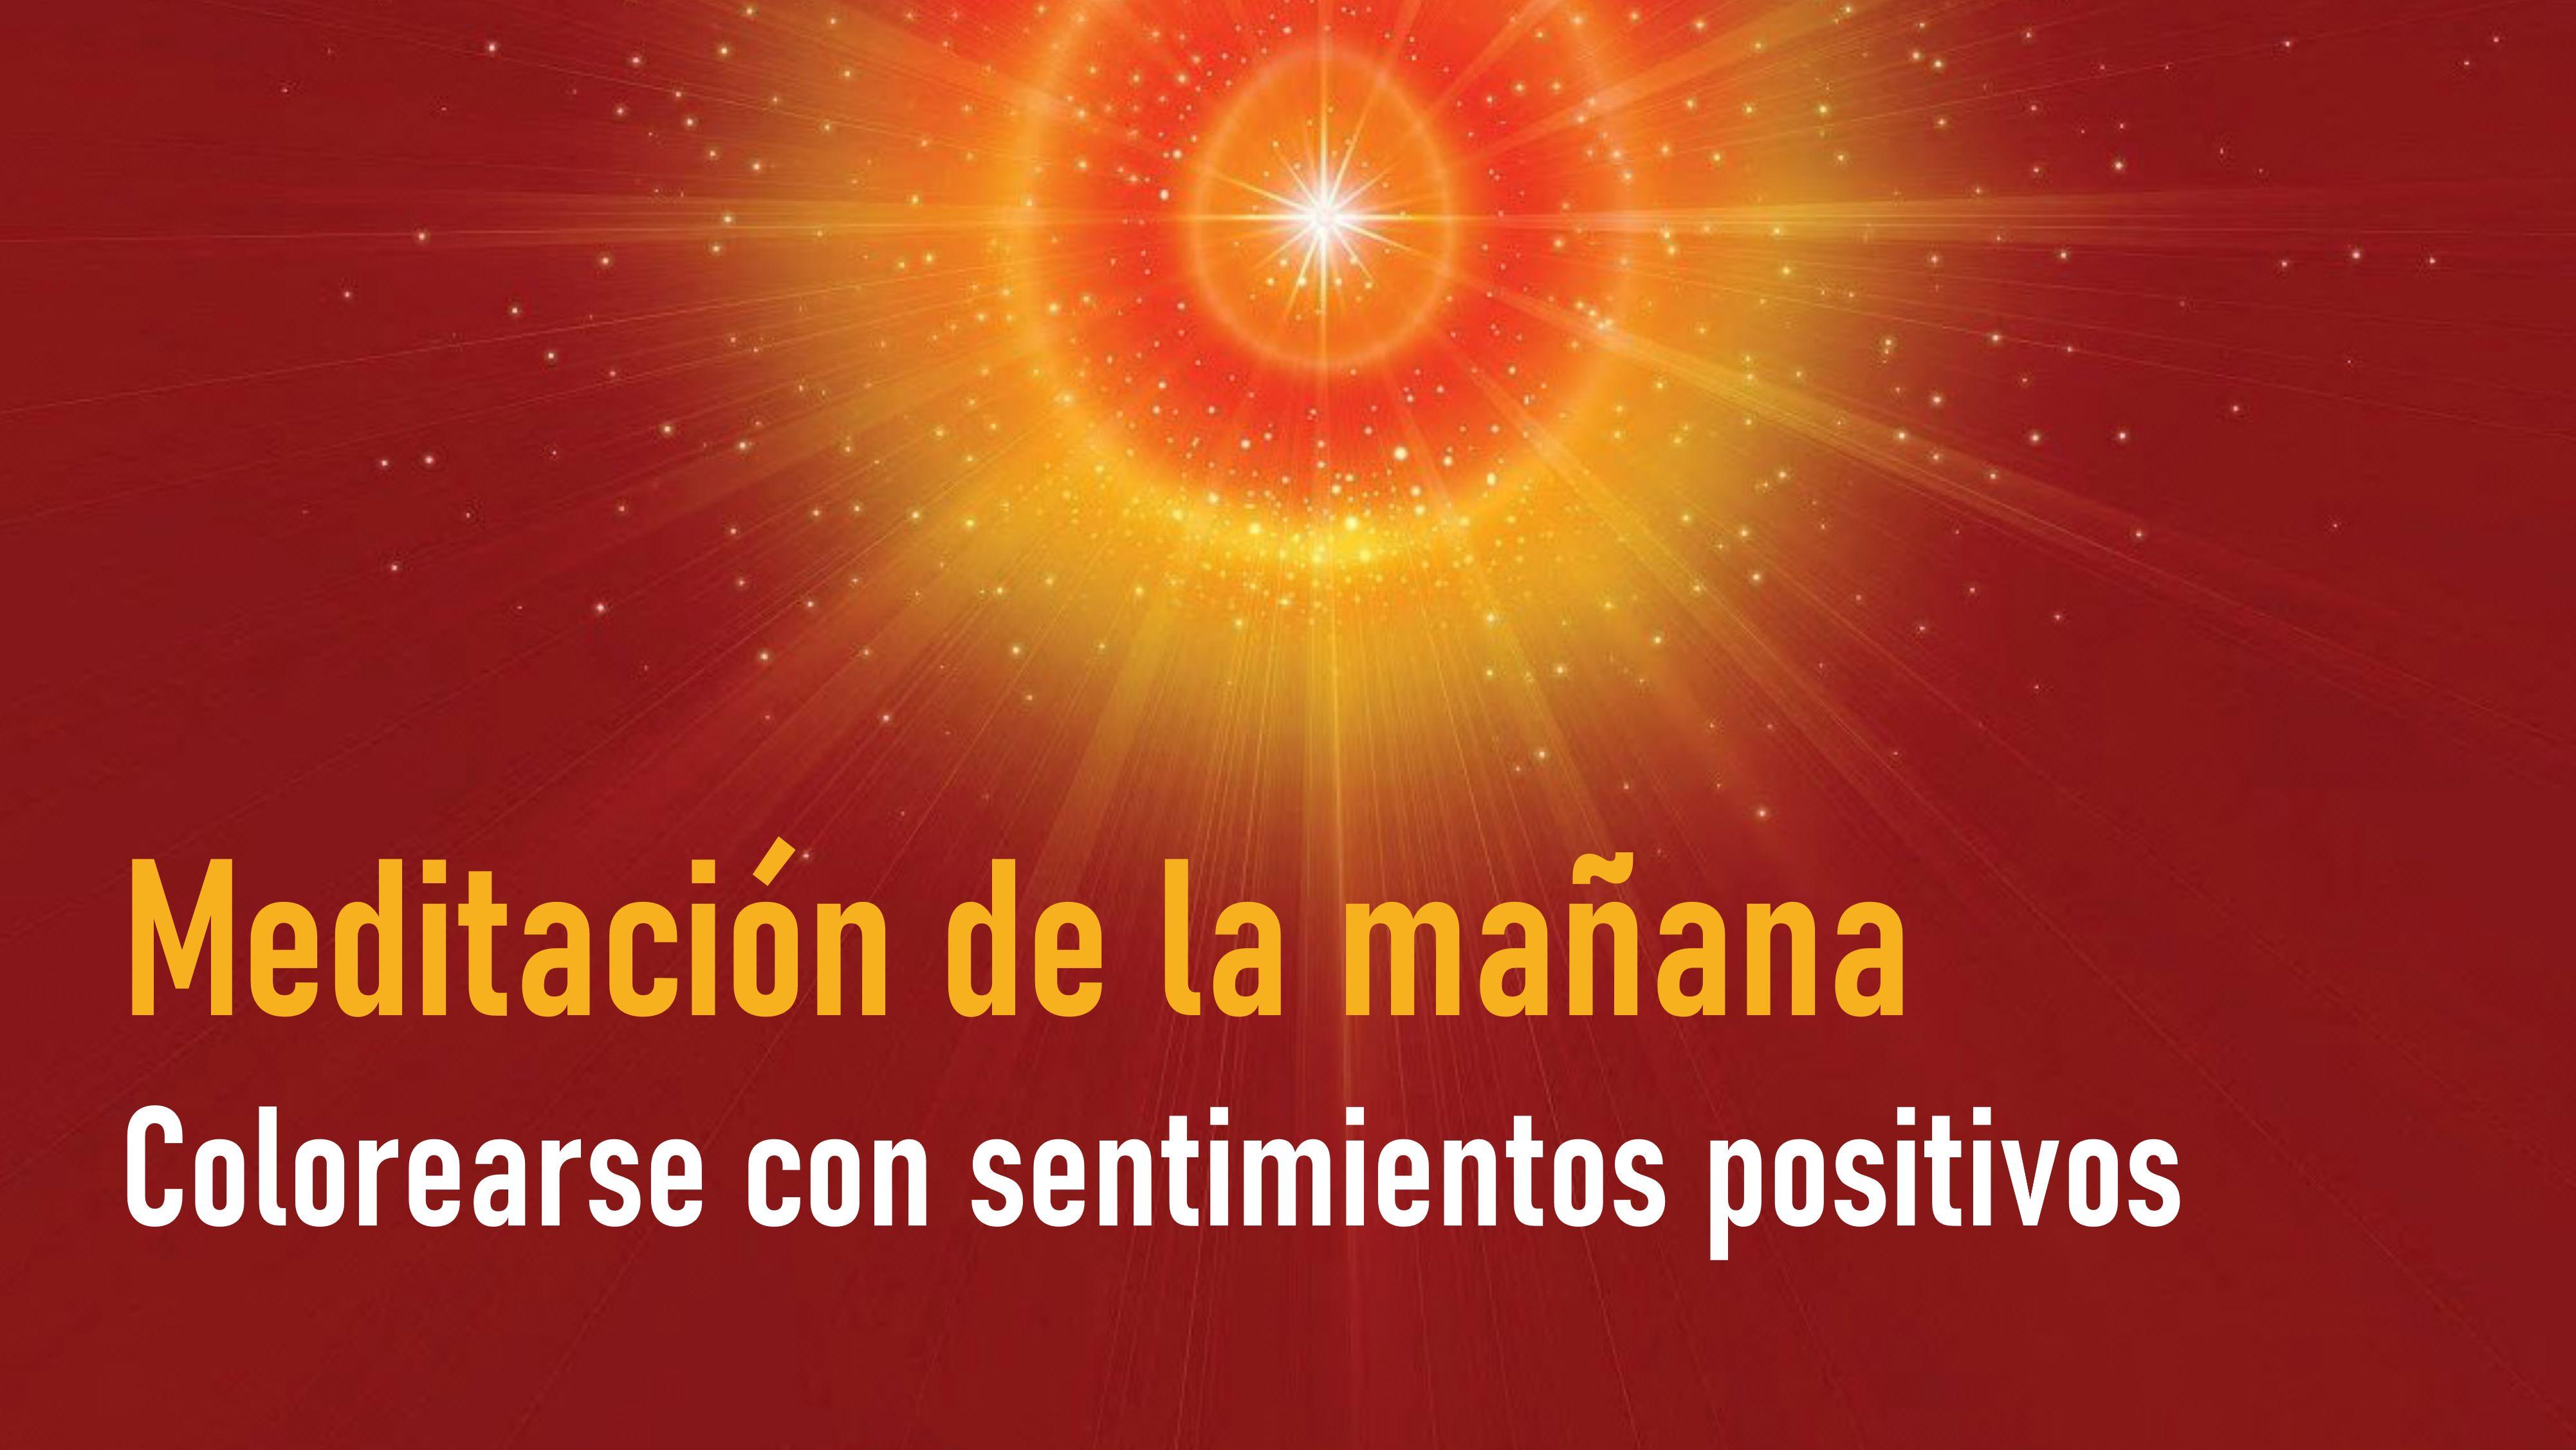 Meditación de la mañana: Colorearse con sentimientos positivos (21 Septiembre 2020)